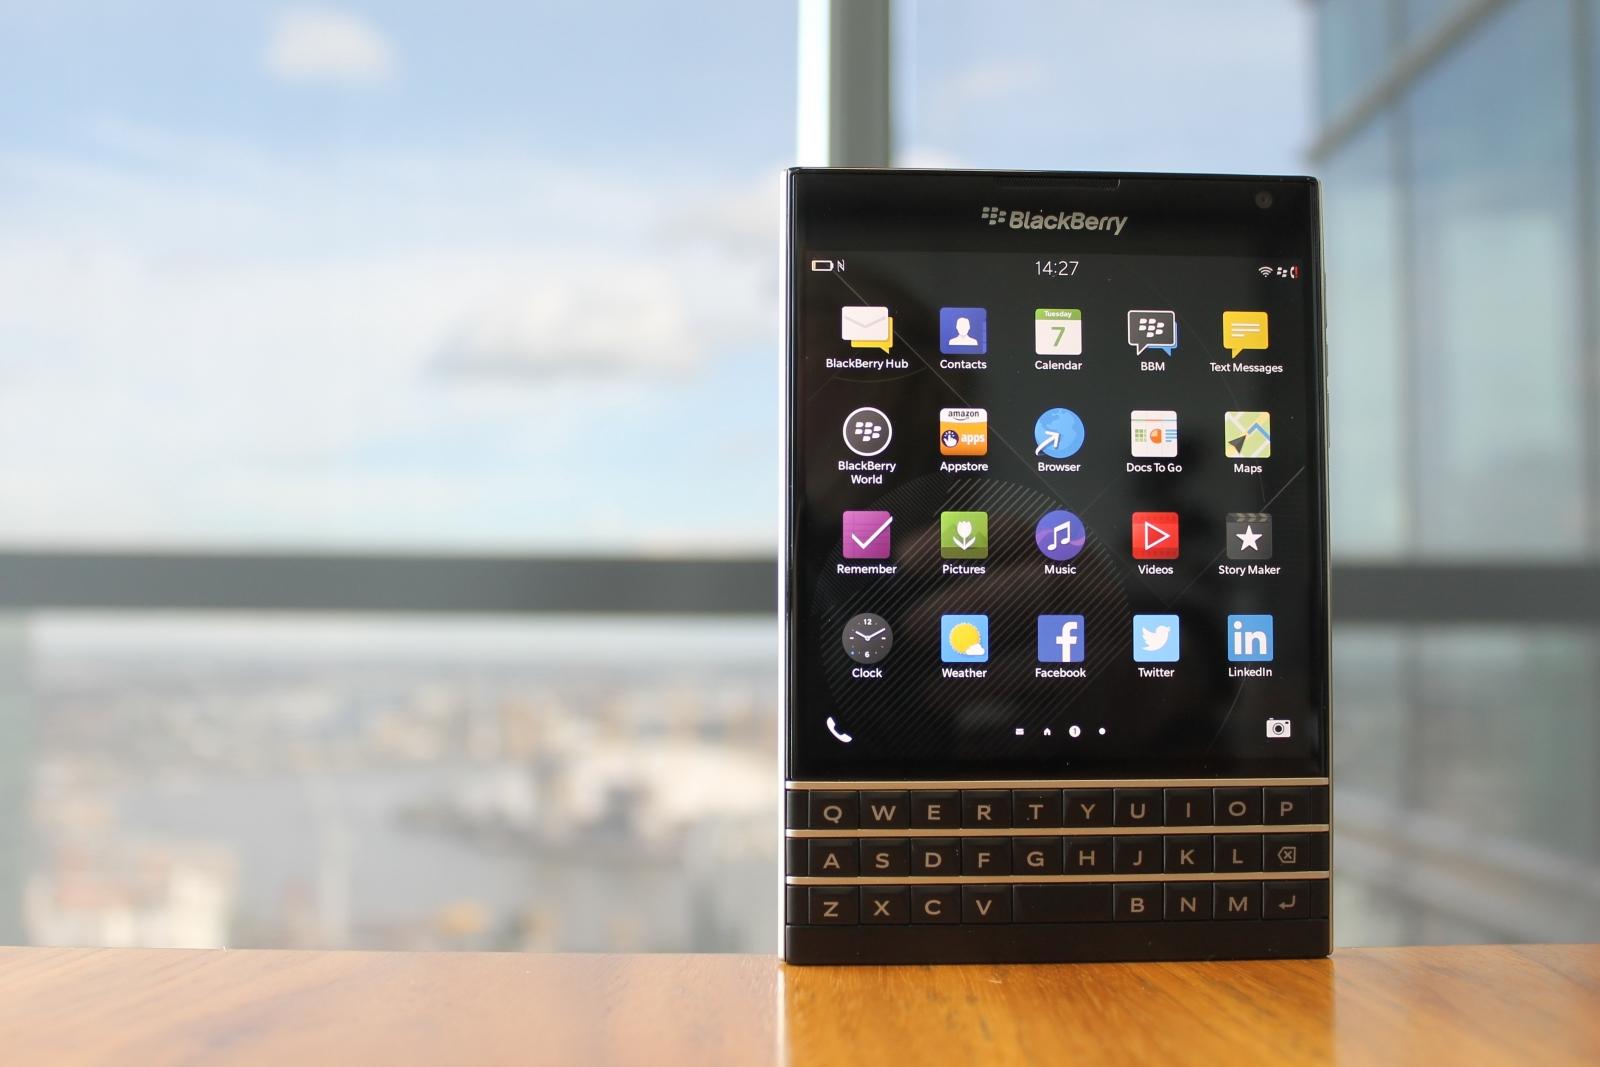 BlackBerry Passport HD Wallpapers Download Desktop Wallpaper 1600x1067